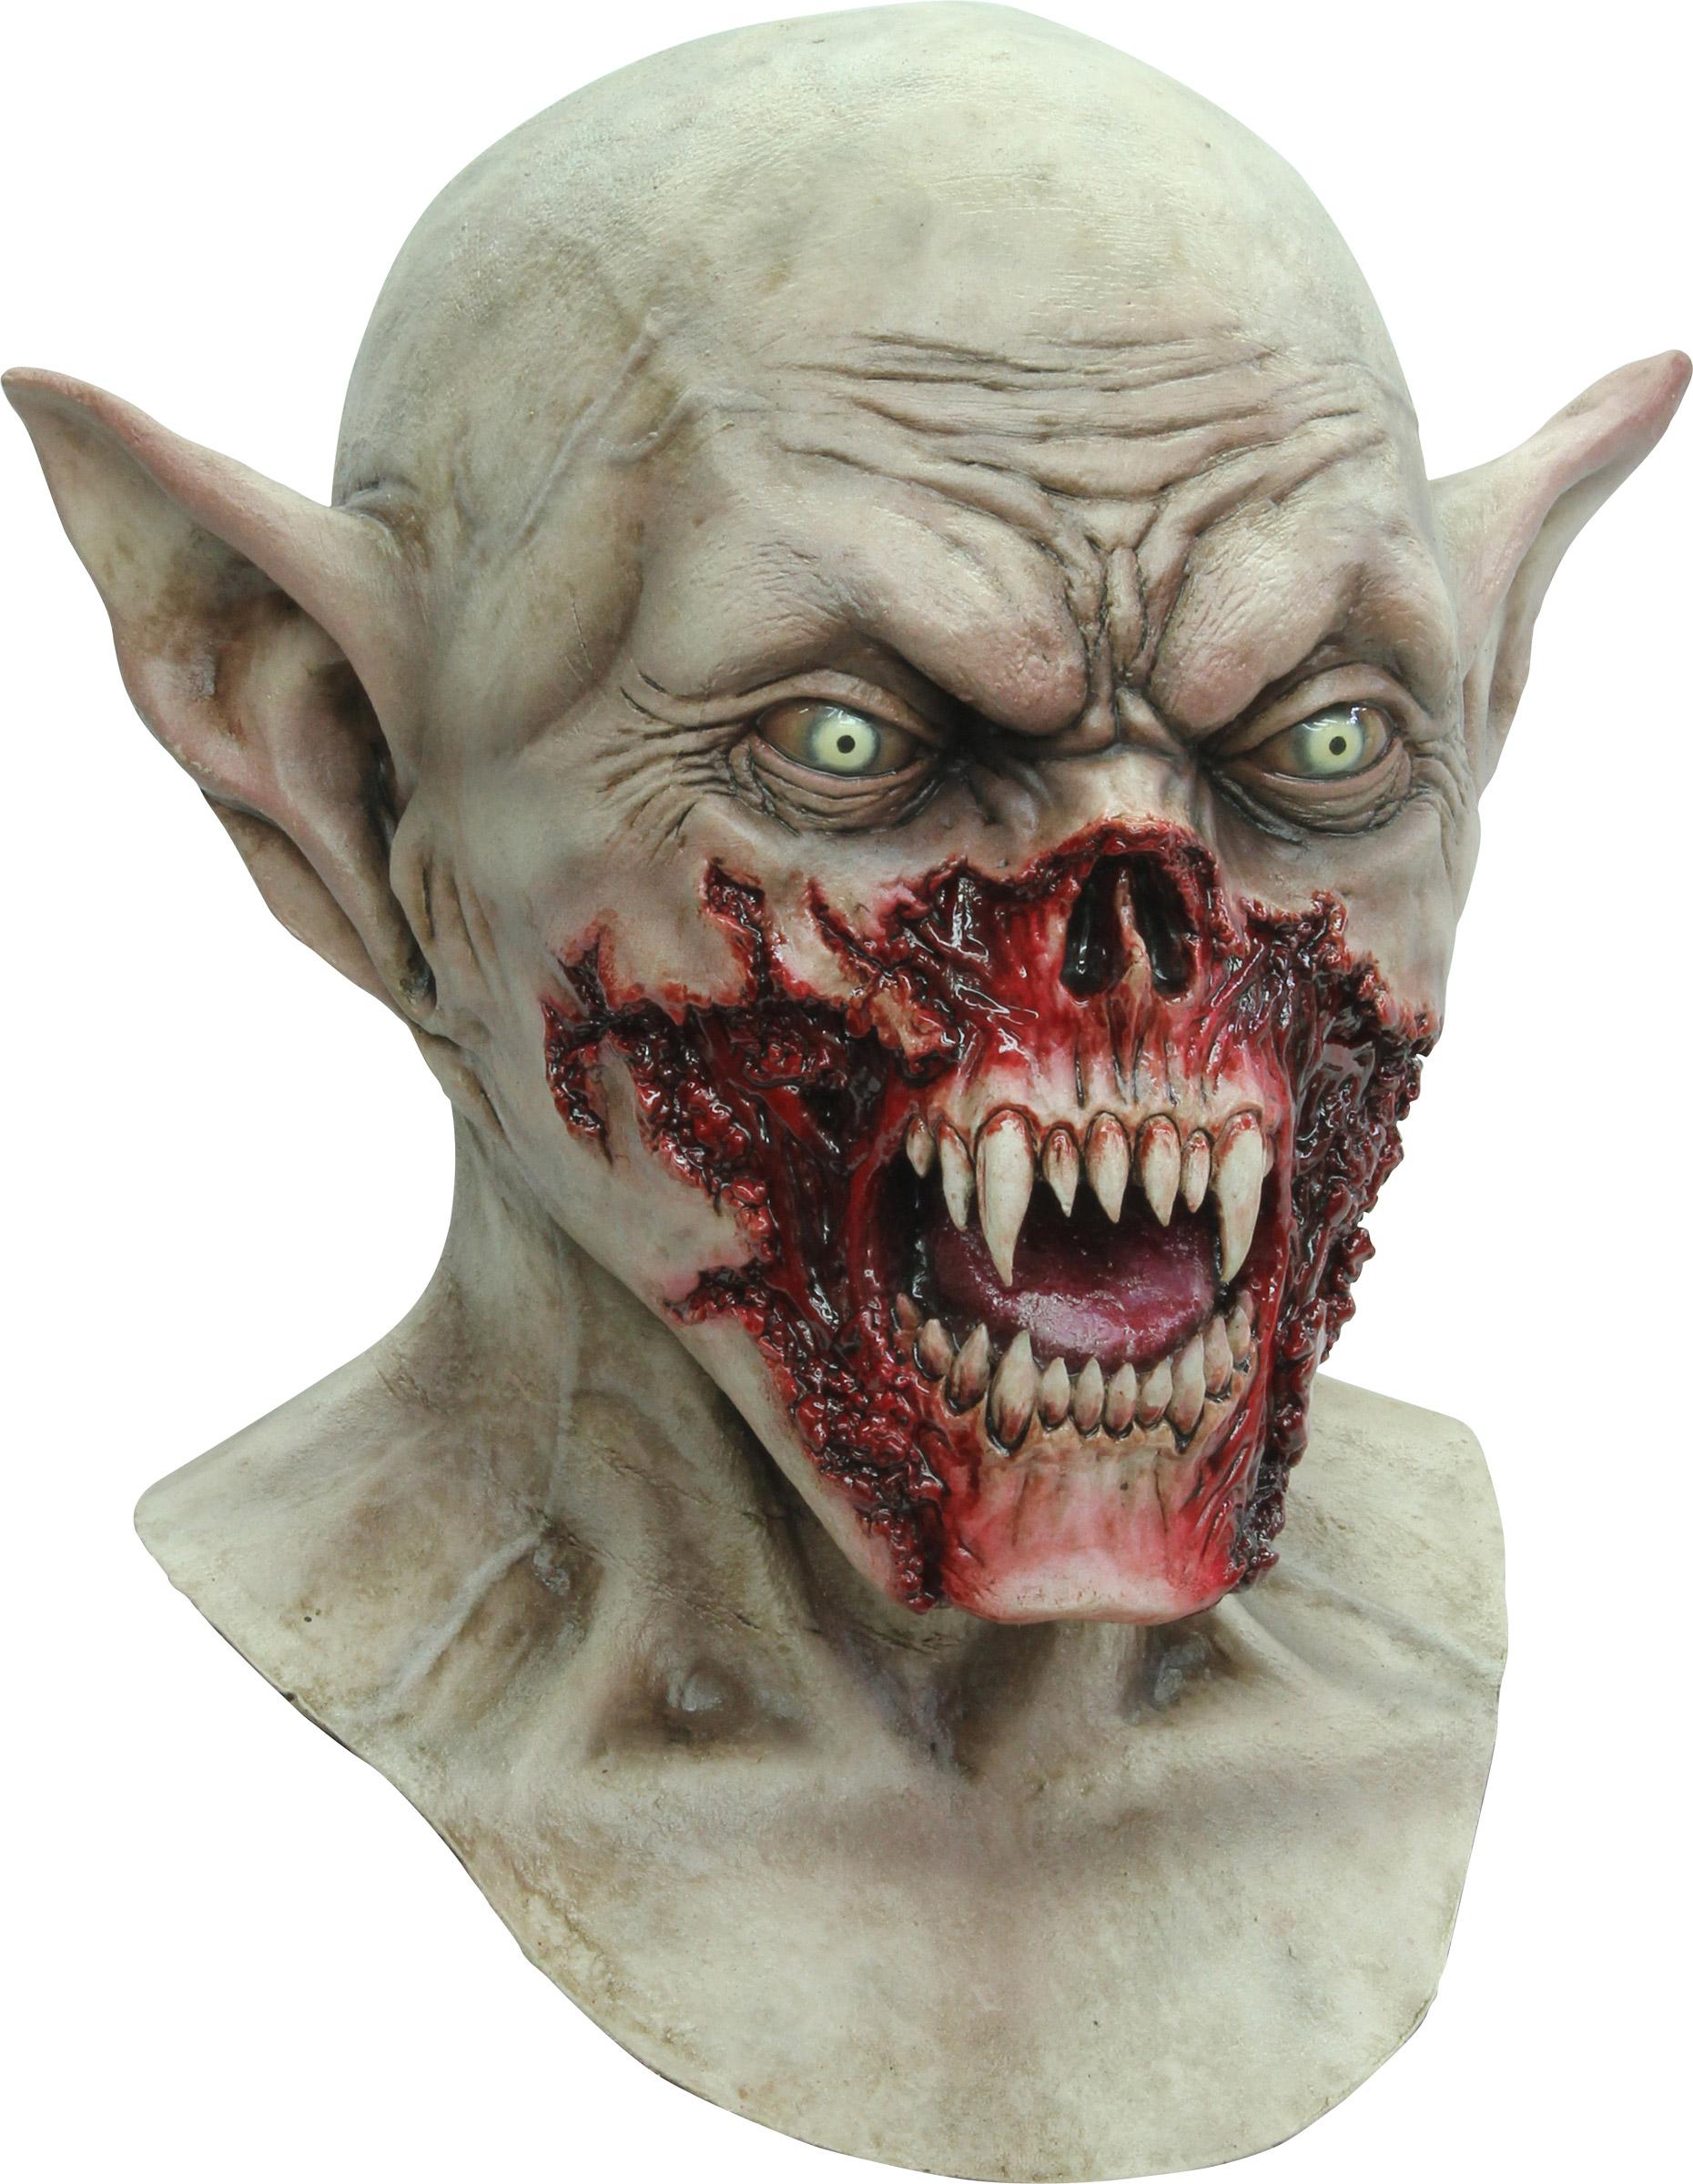 Halloween blutverschmierte kreaturen maske f r erwachsene masken und g nstige faschingskost me - Masque halloween qui fait peur ...